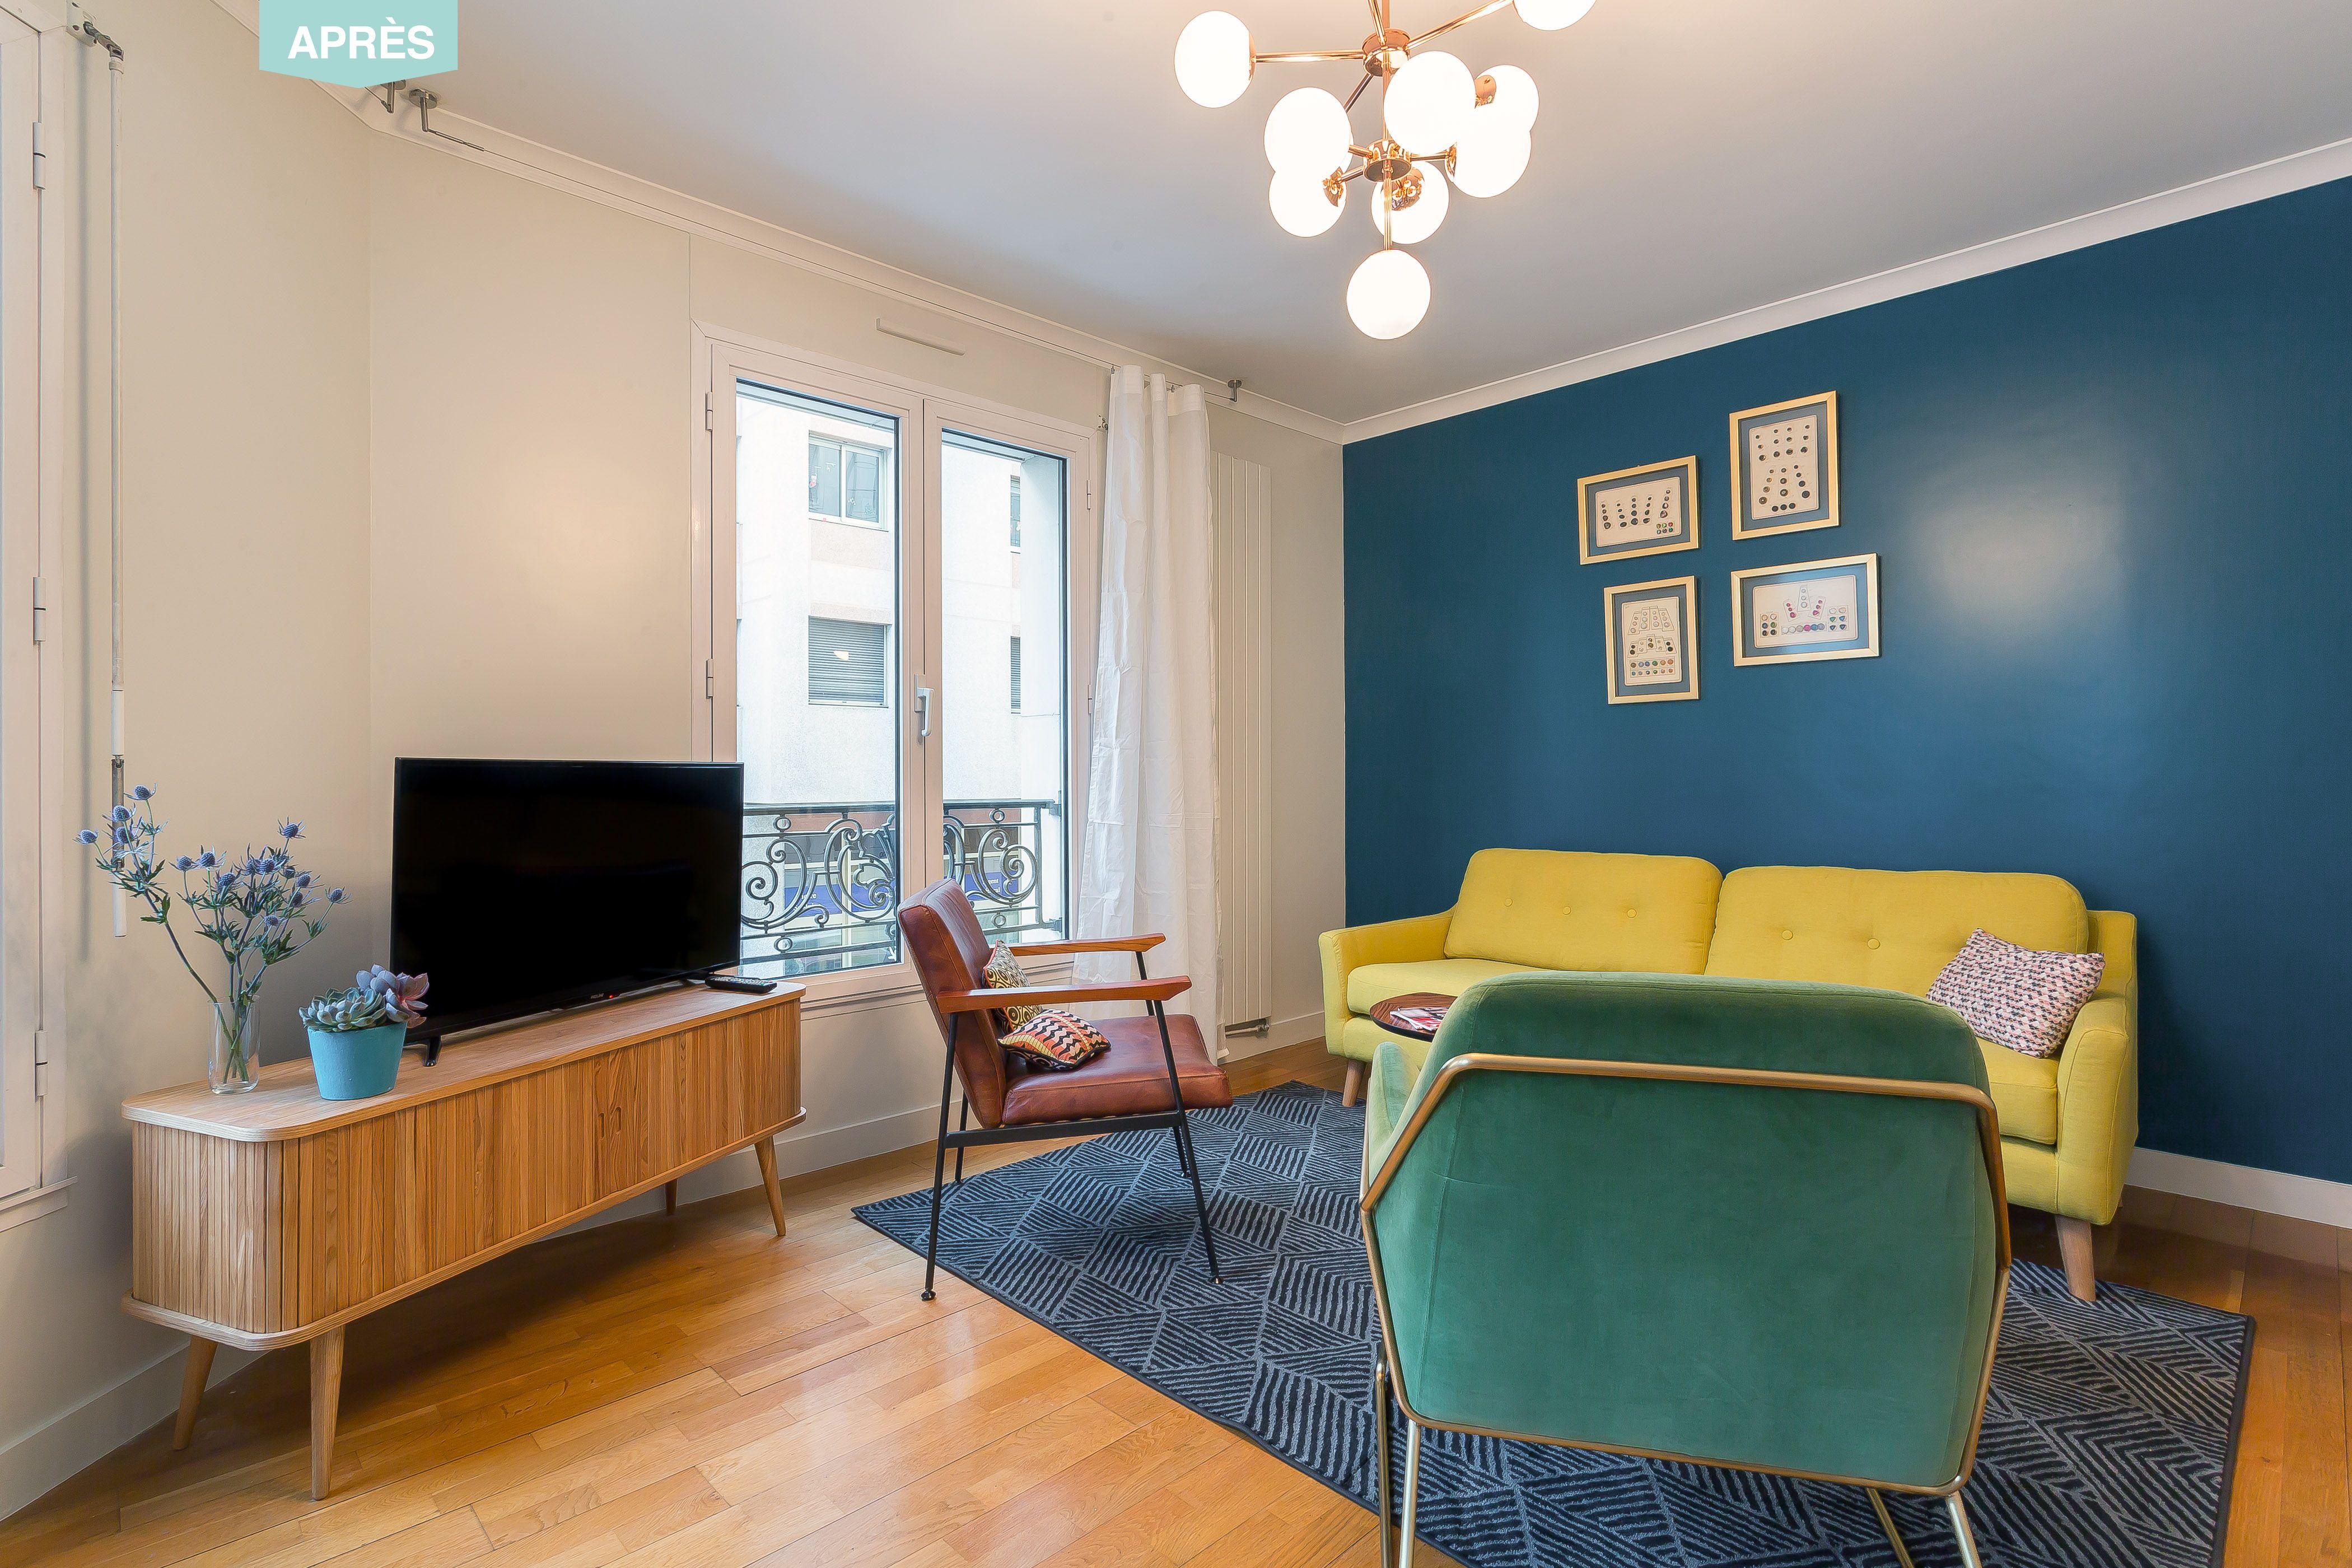 Un appartement vintage à Lyon #salon #bleu #jaune #MadMen #cosy ...